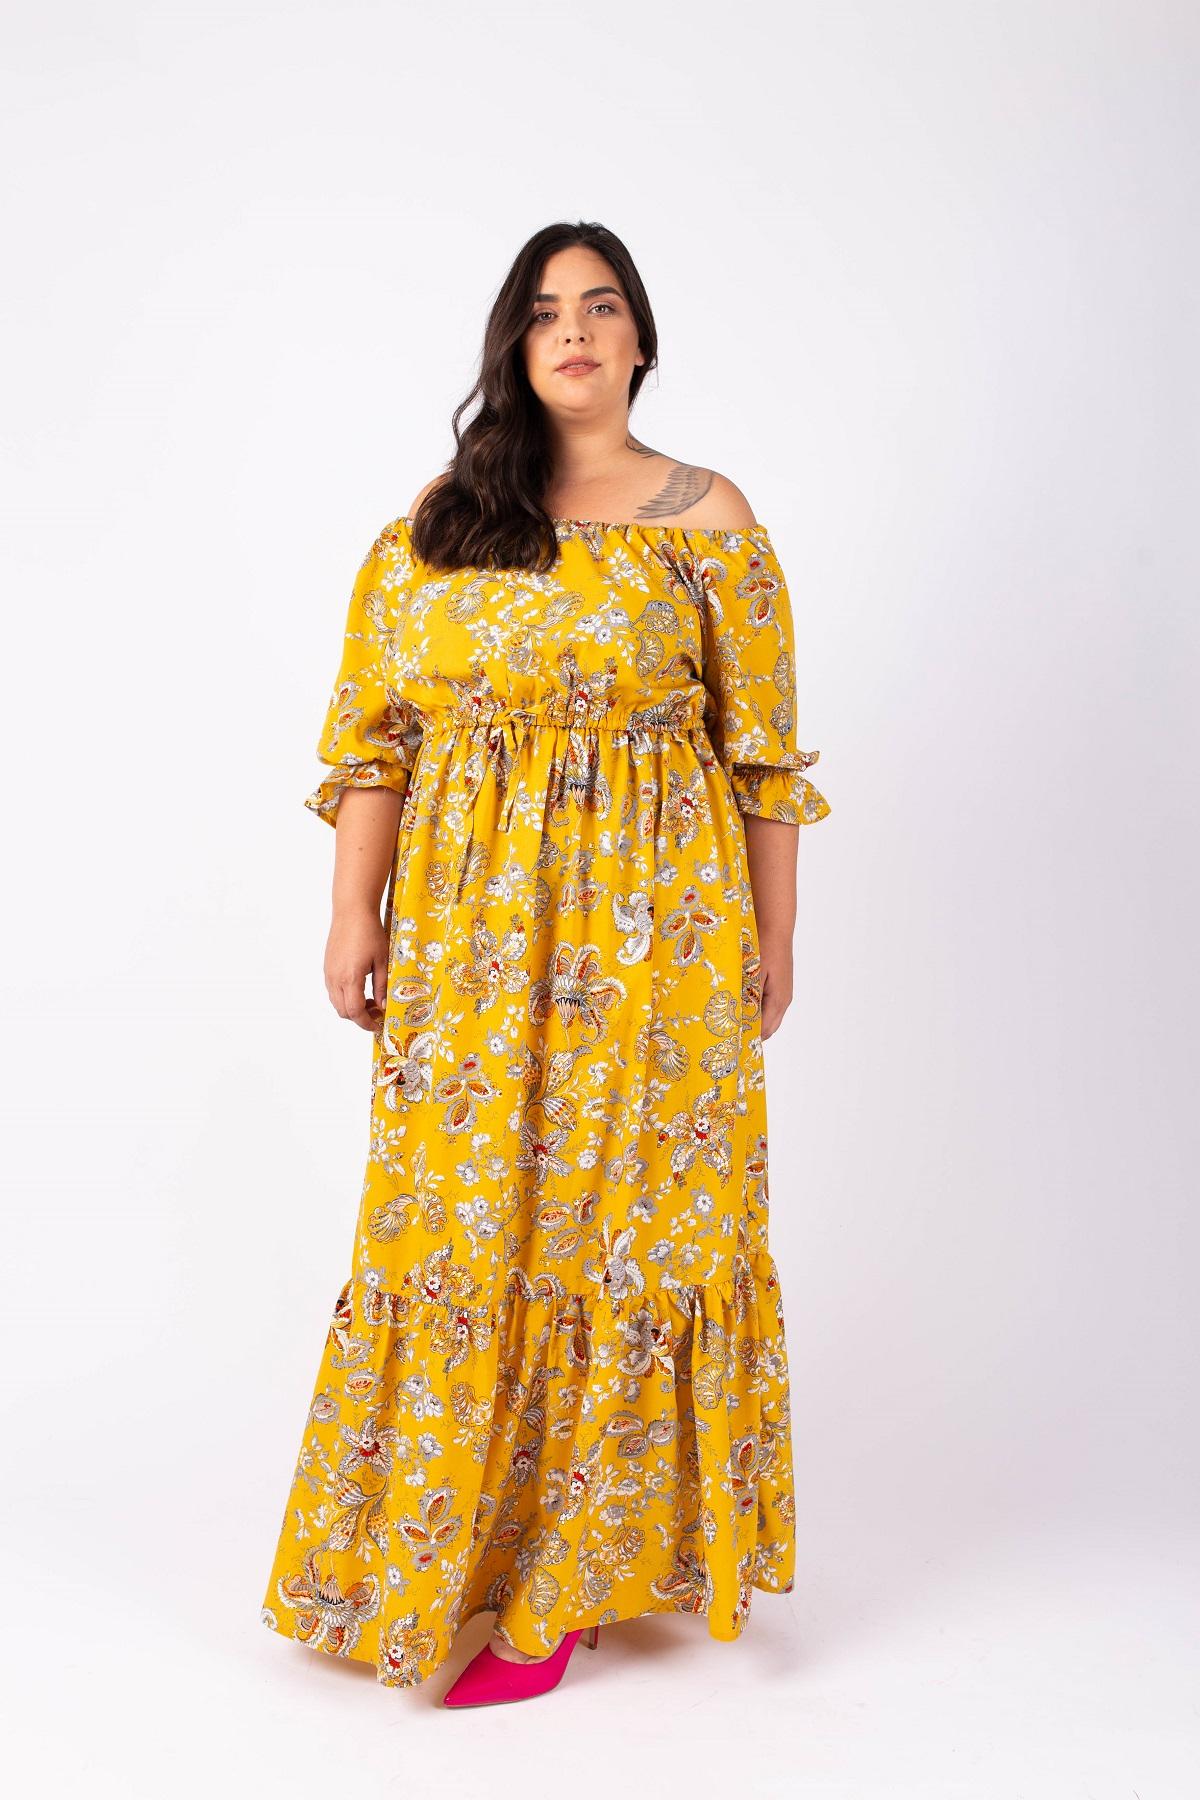 שמלת ג'יזל צהובה